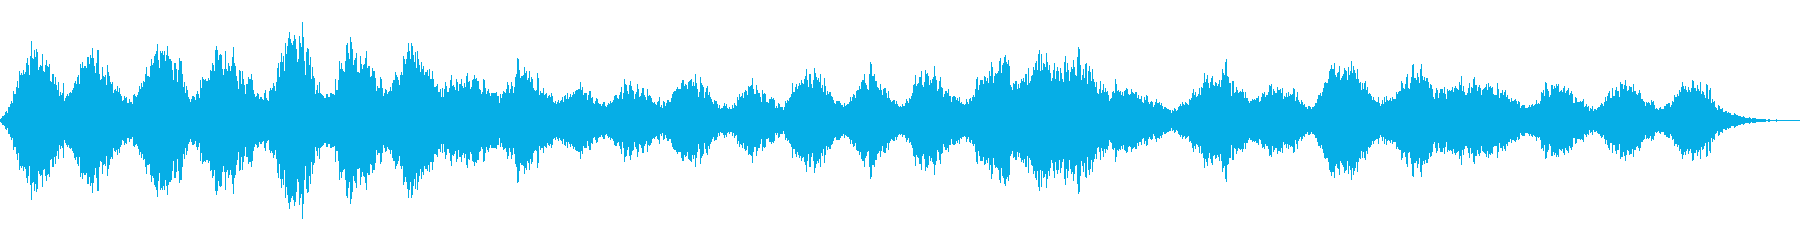 瞑想のためのアンビエントの再生済みの波形